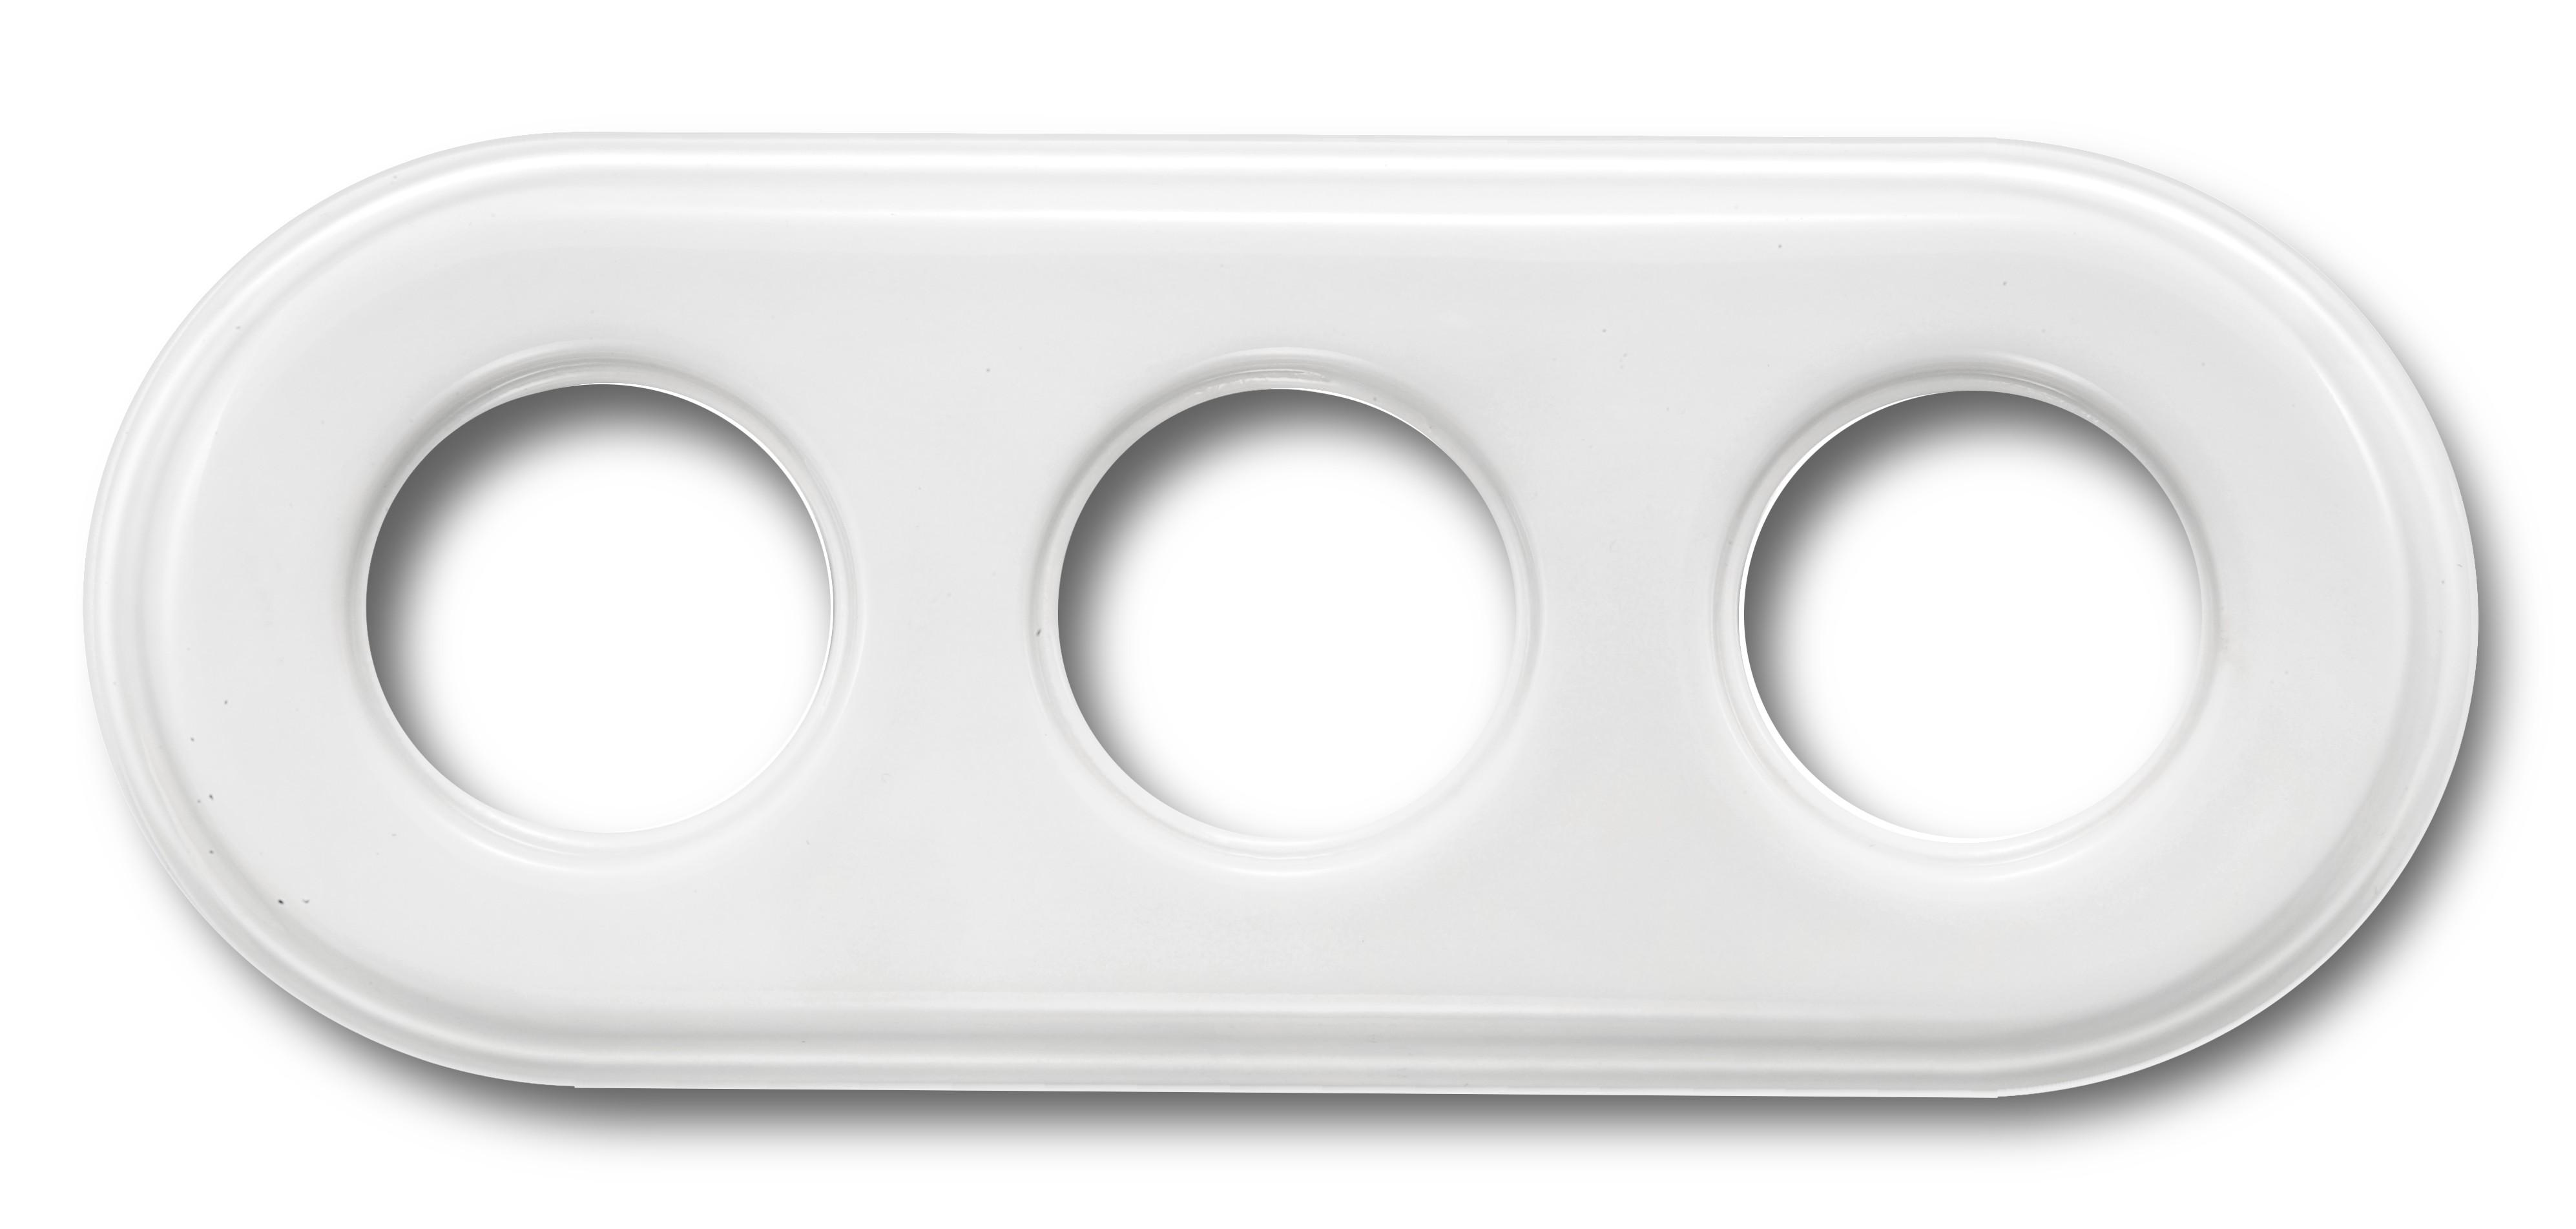 Rámečky pro vypínače a zásuvky (porcelán, kov, dřevo)